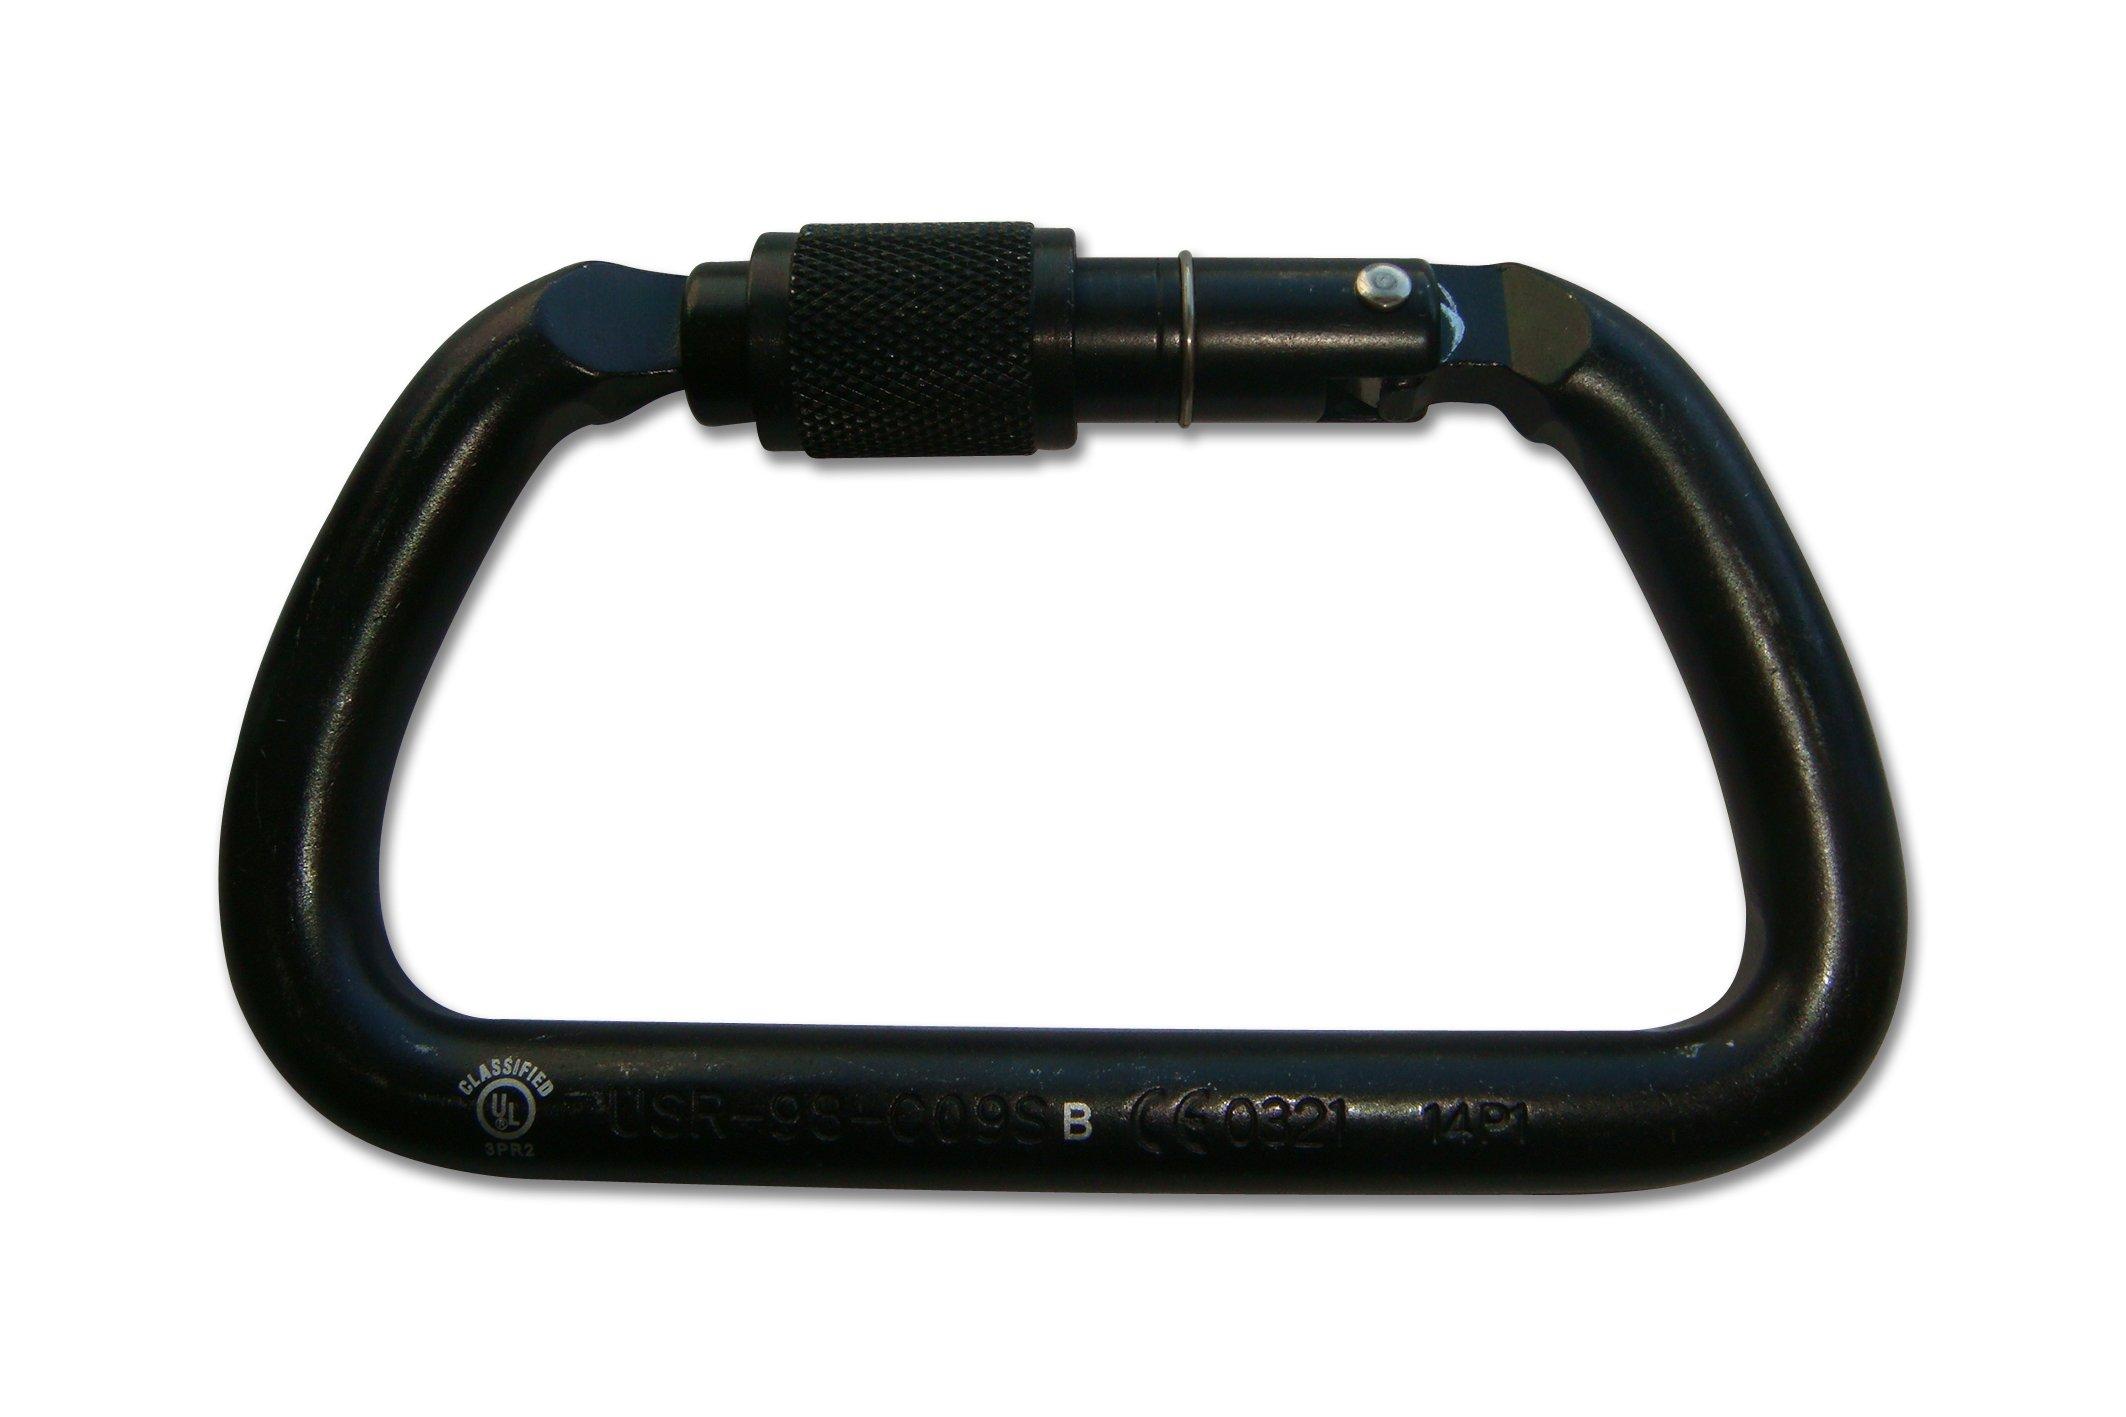 ProClimb USR-98-C09SB NFPA D Carabiner Screw Lock, Zink Plated Finish, Large, Black